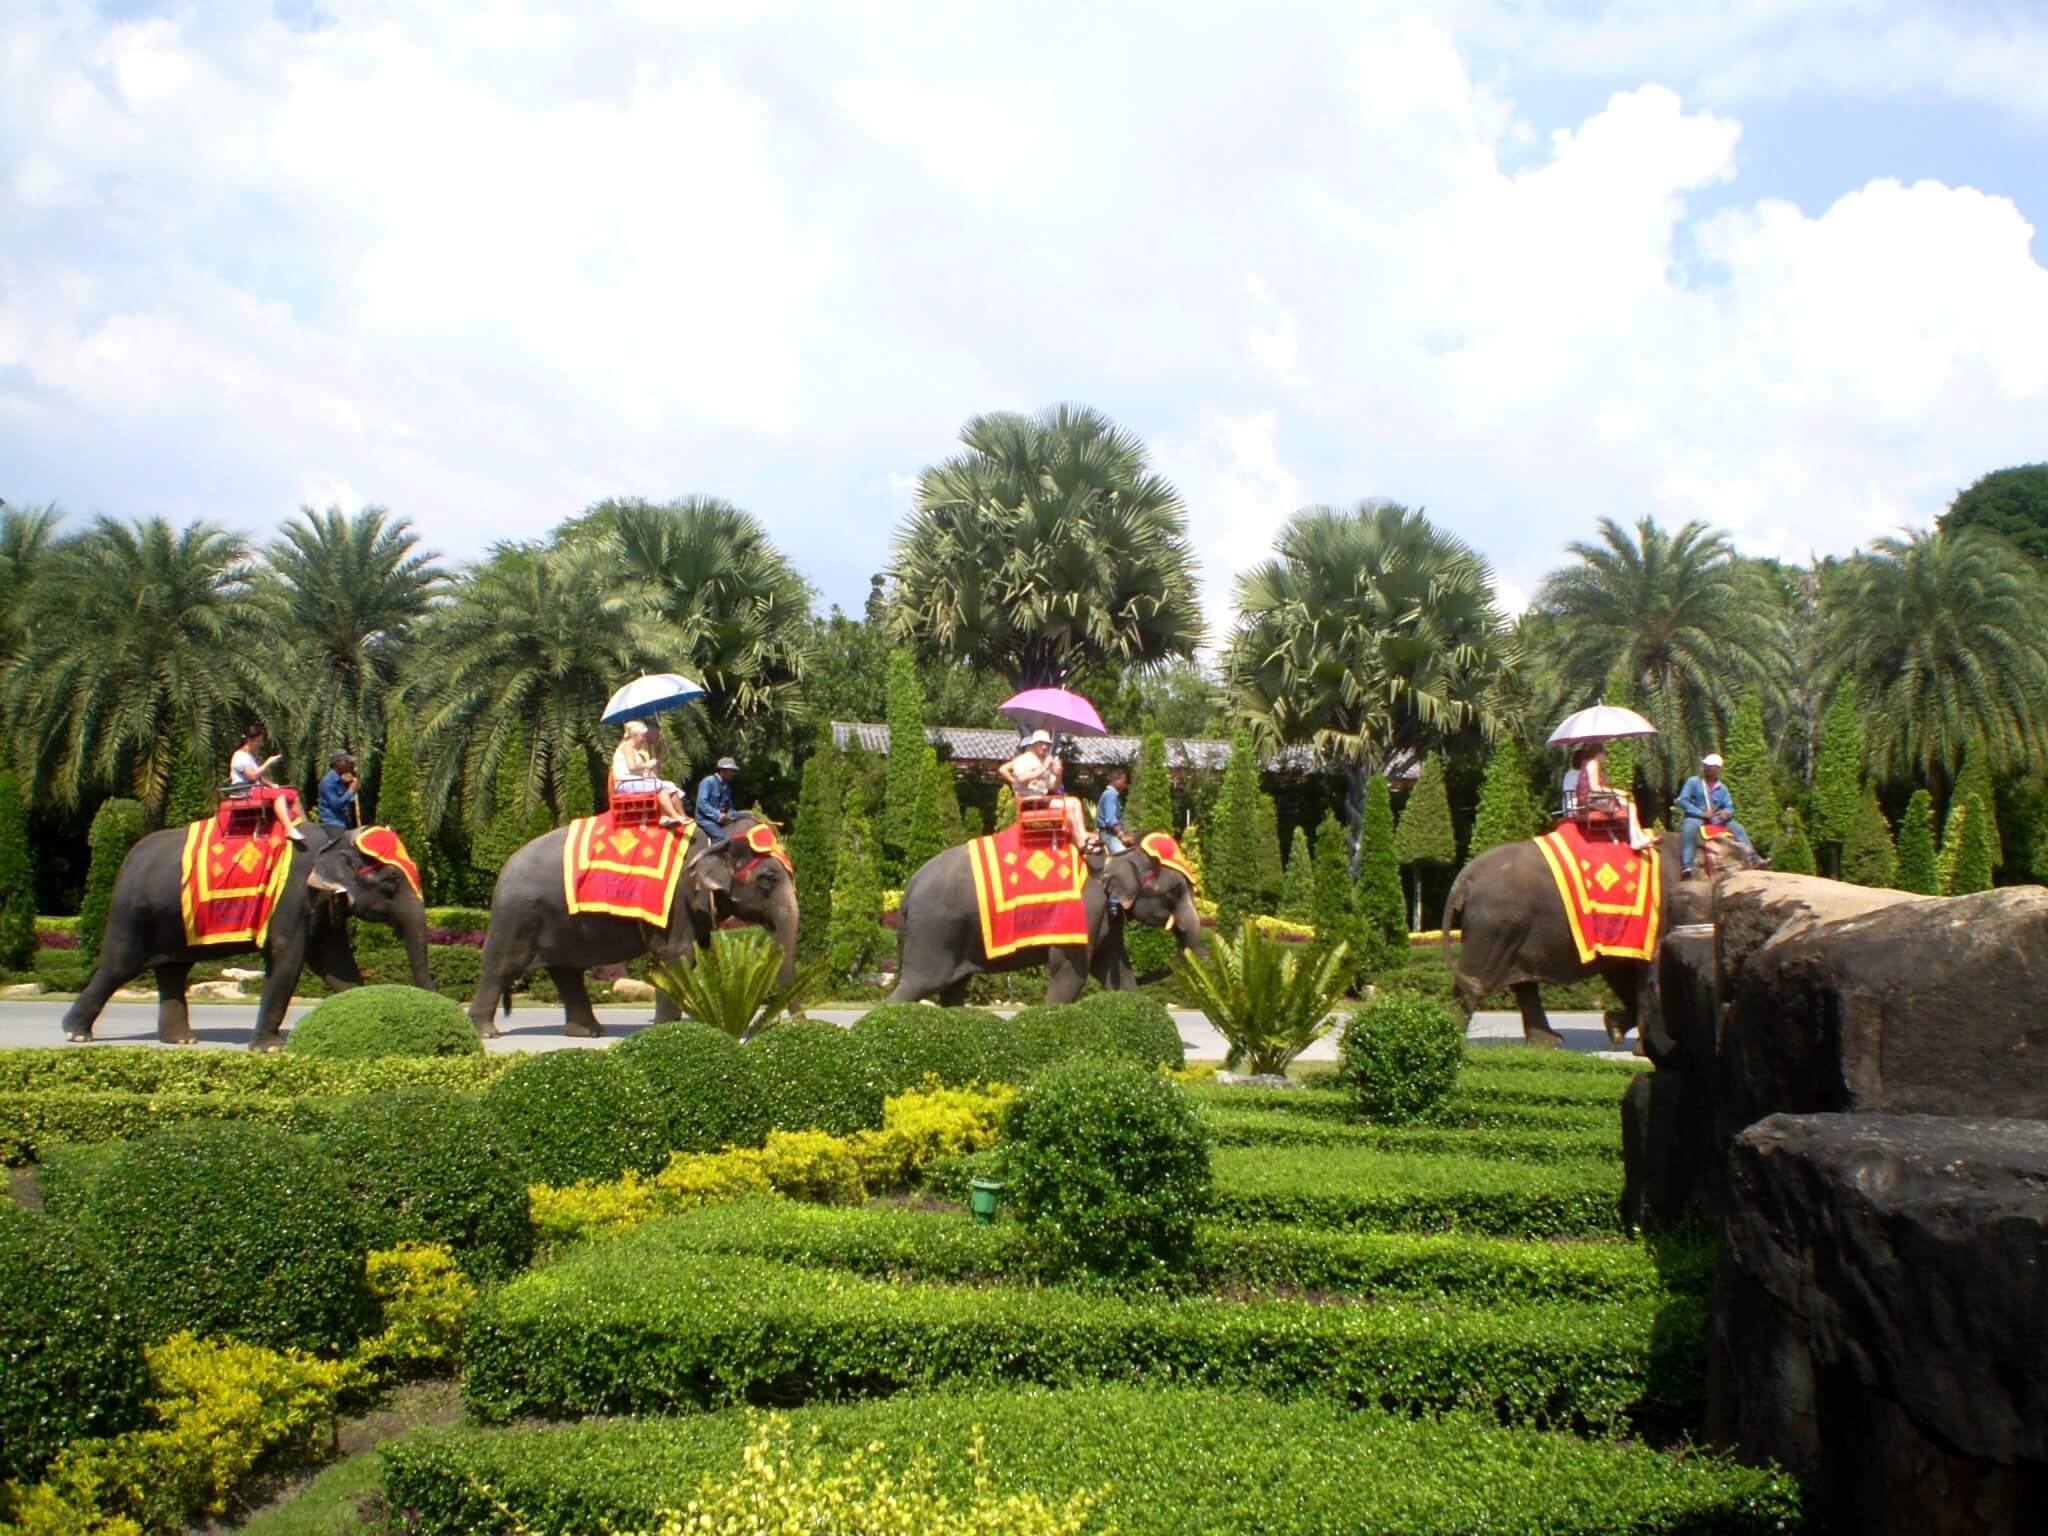 сколько денег взять в таиланд - катание на слонах